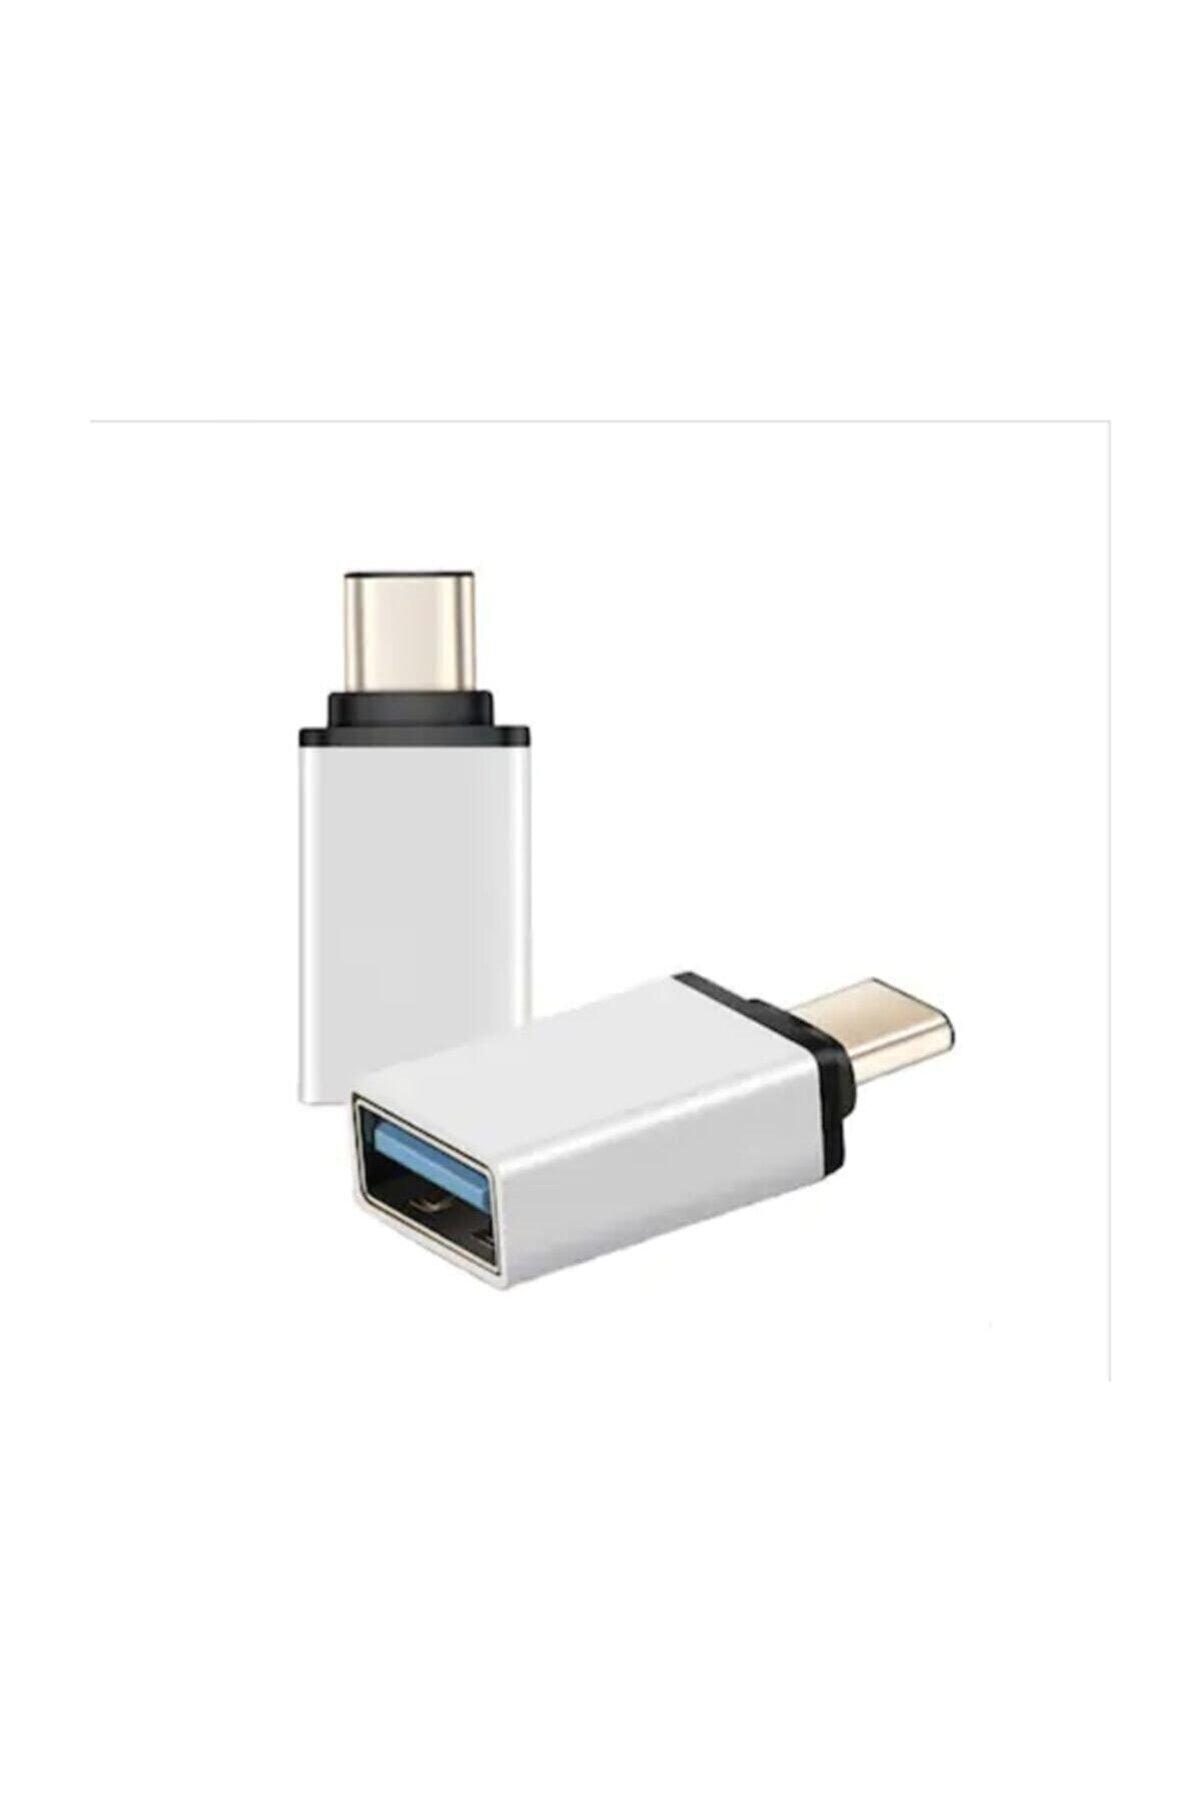 ACL Macbook Için Type-c To Usb 3.0 Dönüştürücü Yeni Model